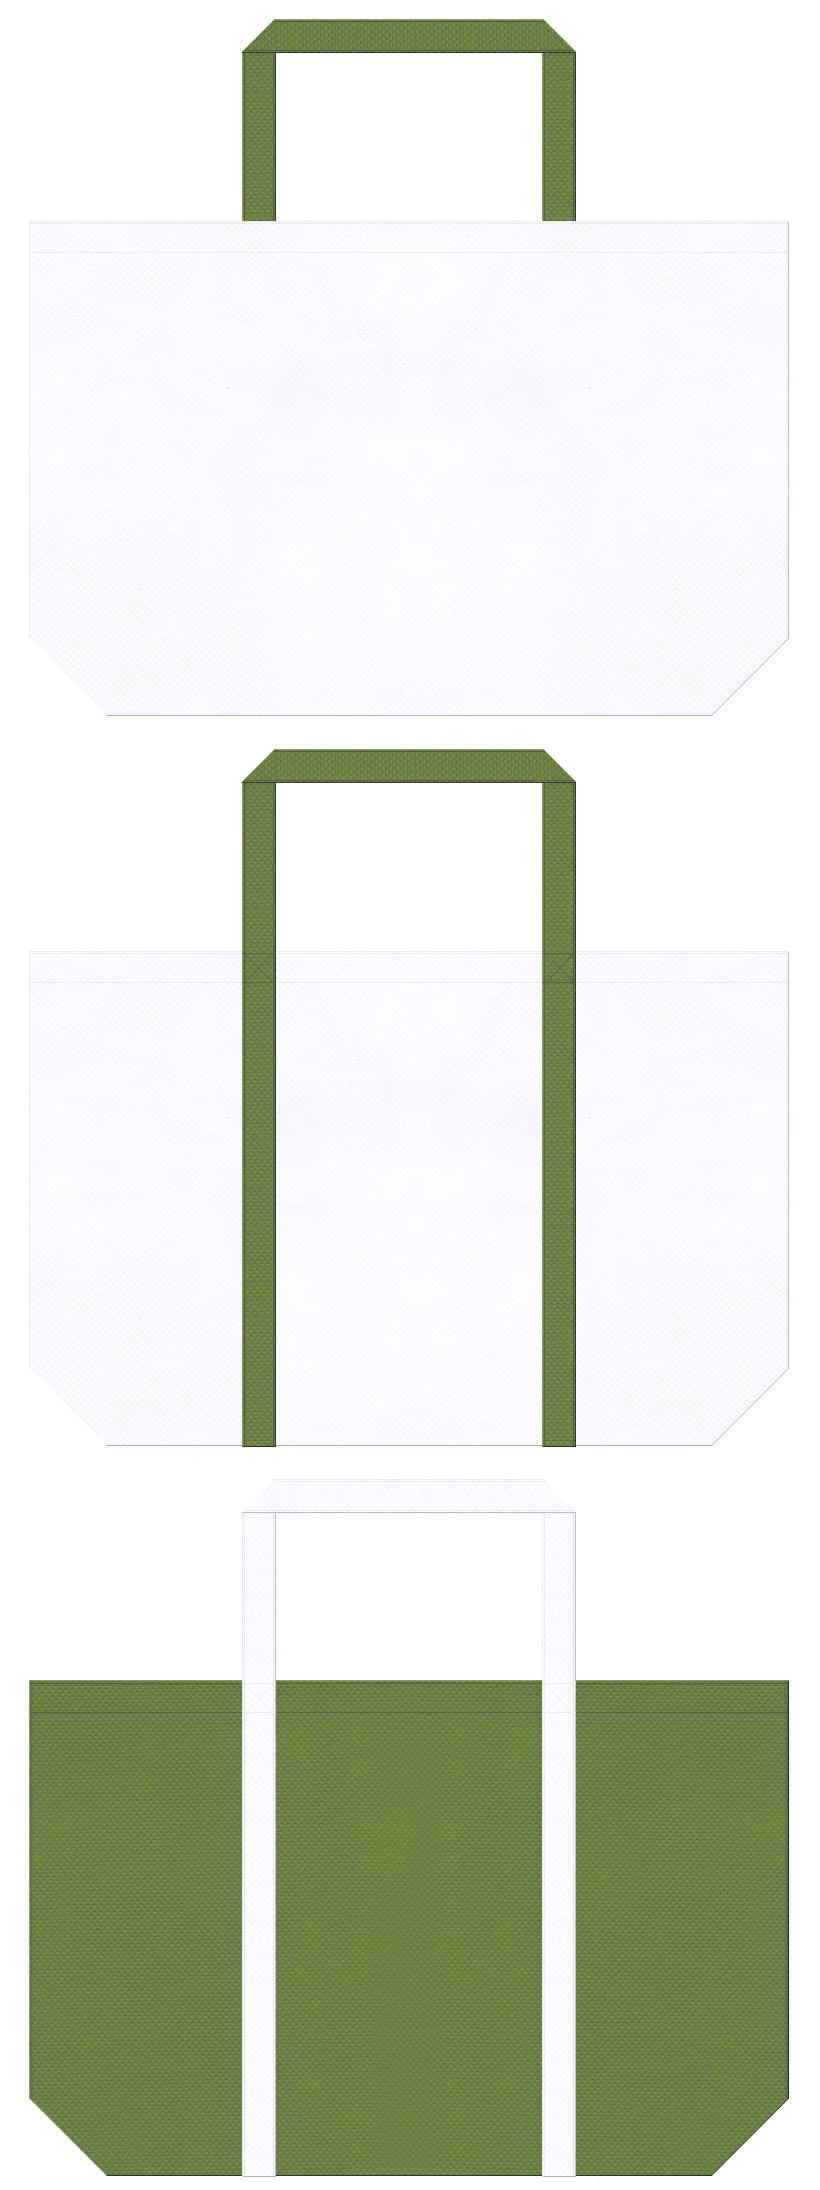 抹茶アイス・抹茶氷・学校・学園・オープンキャンパス・農学部・バイオ・生物学・プランター・園芸用品の展示会用バッグにお奨めの不織布バッグデザイン:白色と草色のコーデ